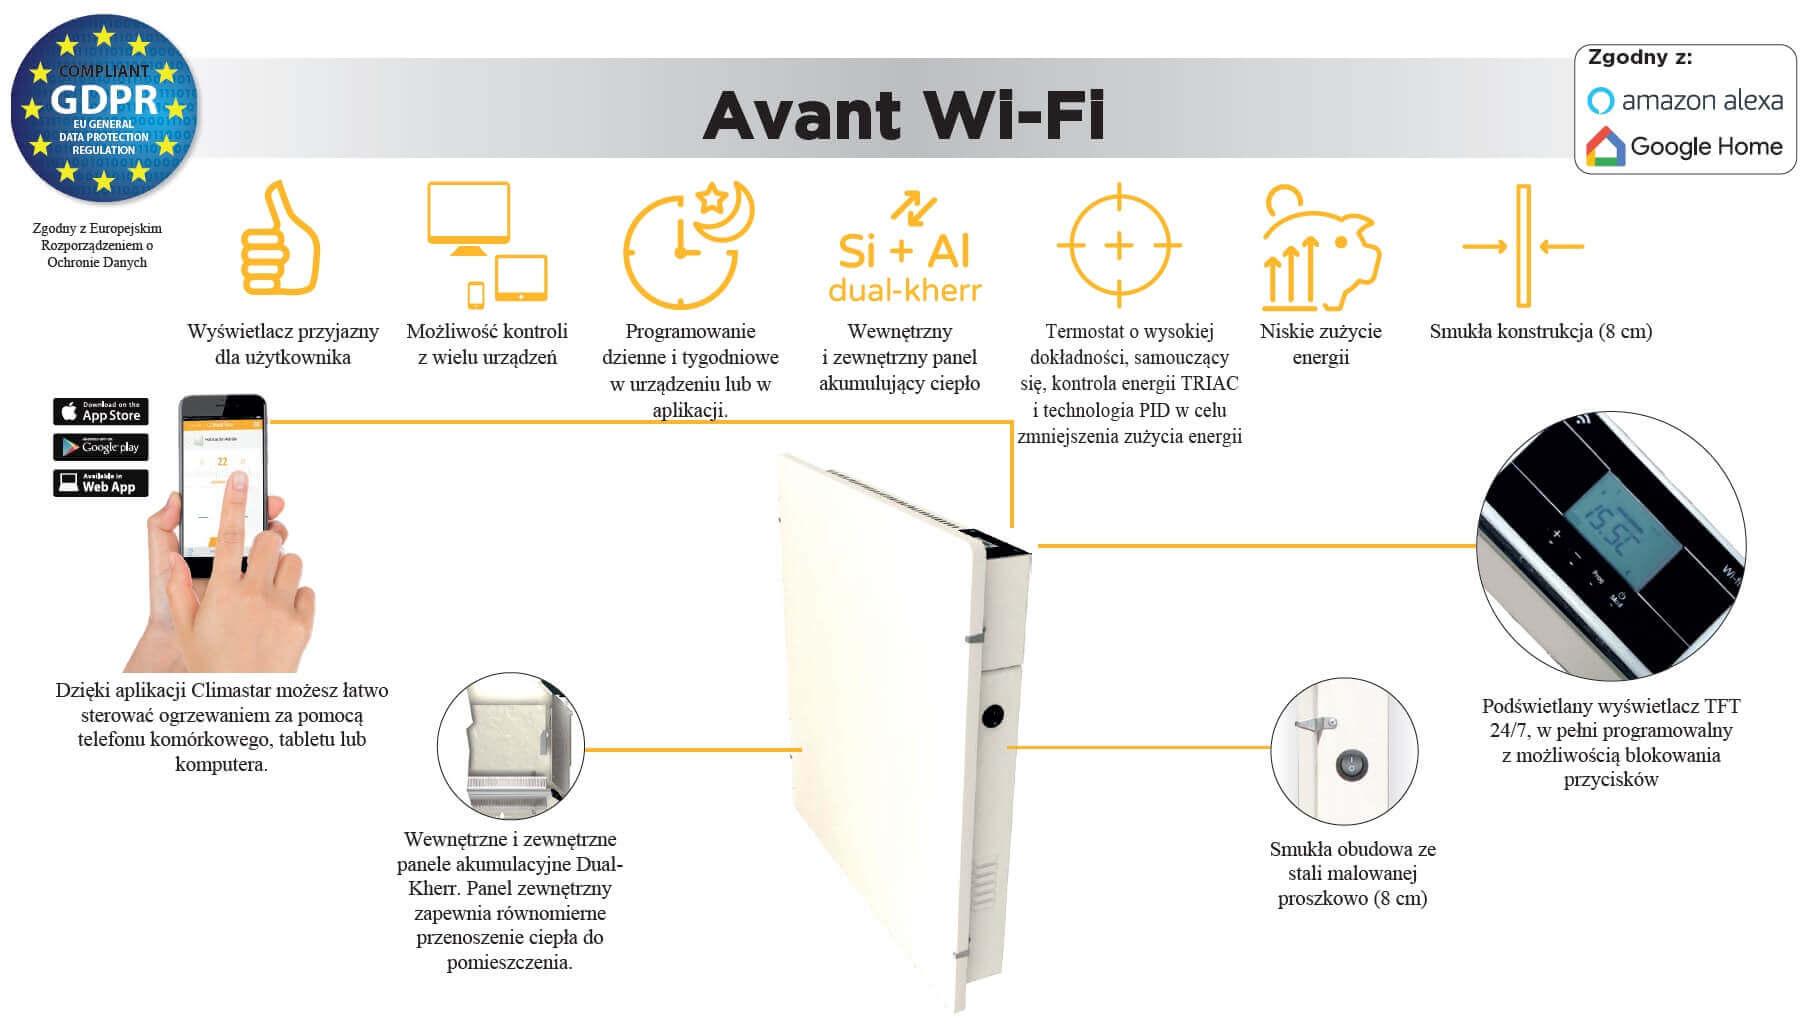 Avant Wi-Fi - grzejnik hybrydowy z akumulacją ciepła